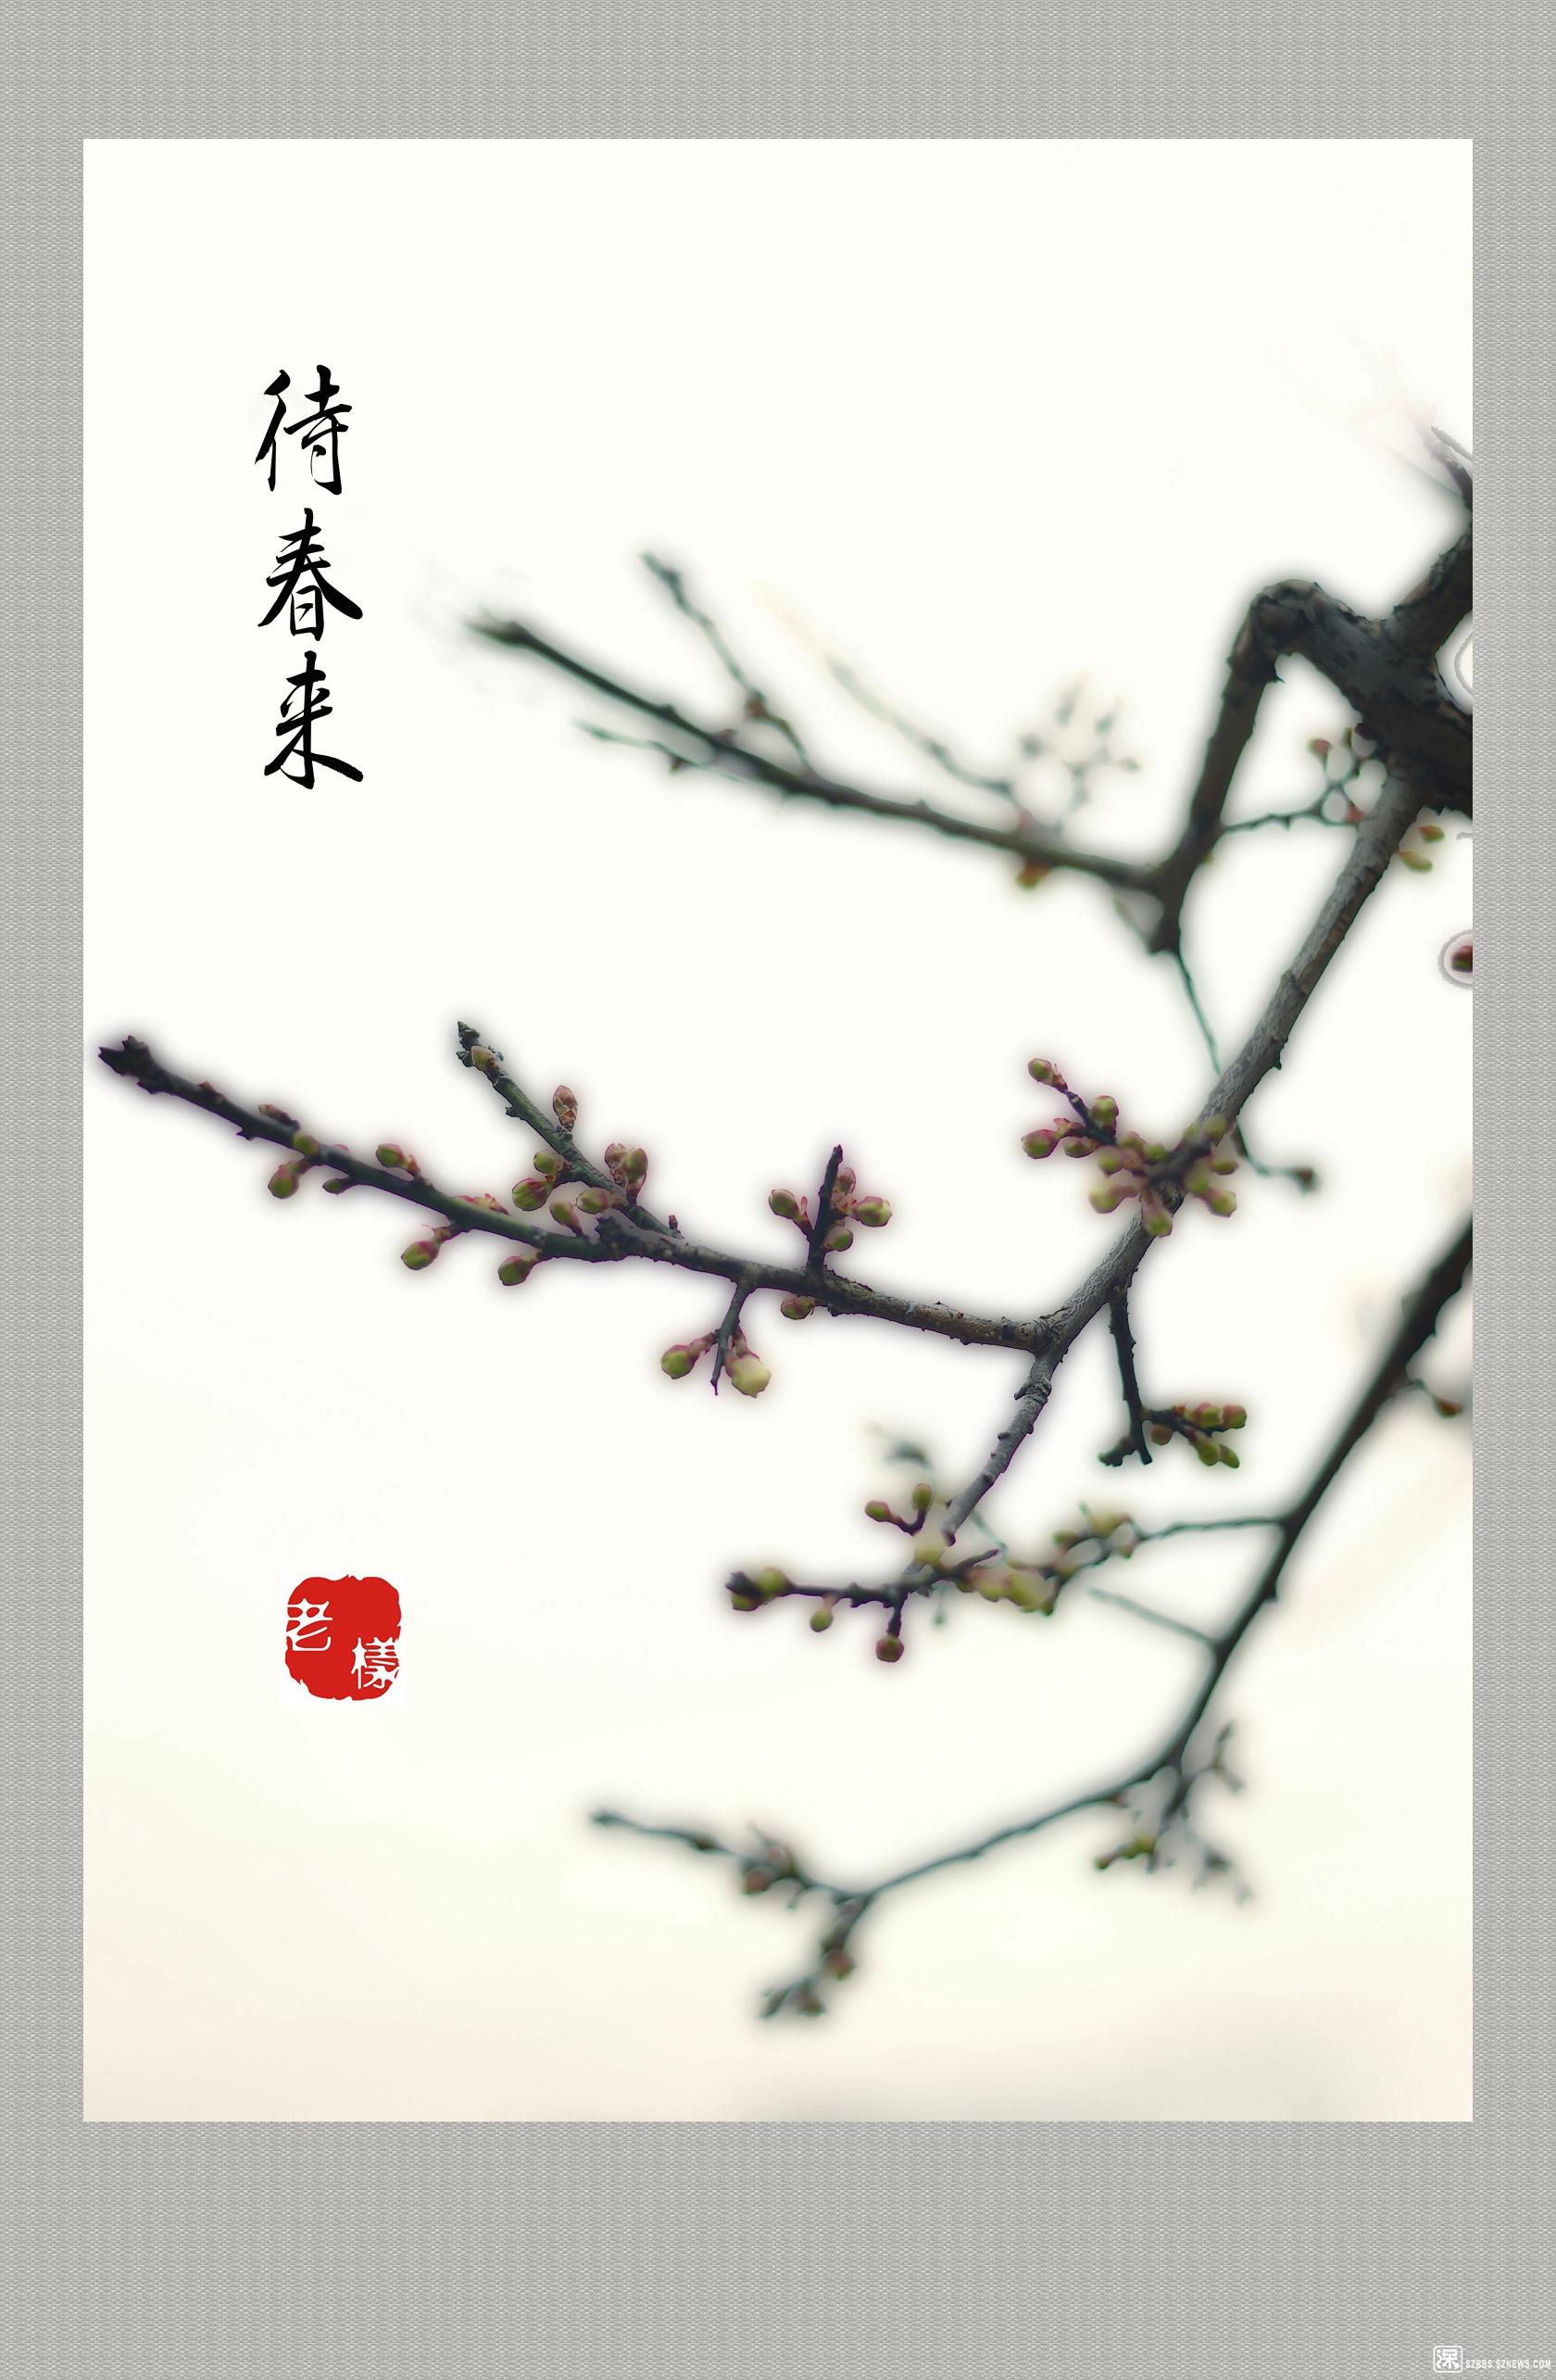 梅花朵朵待春来.jpg